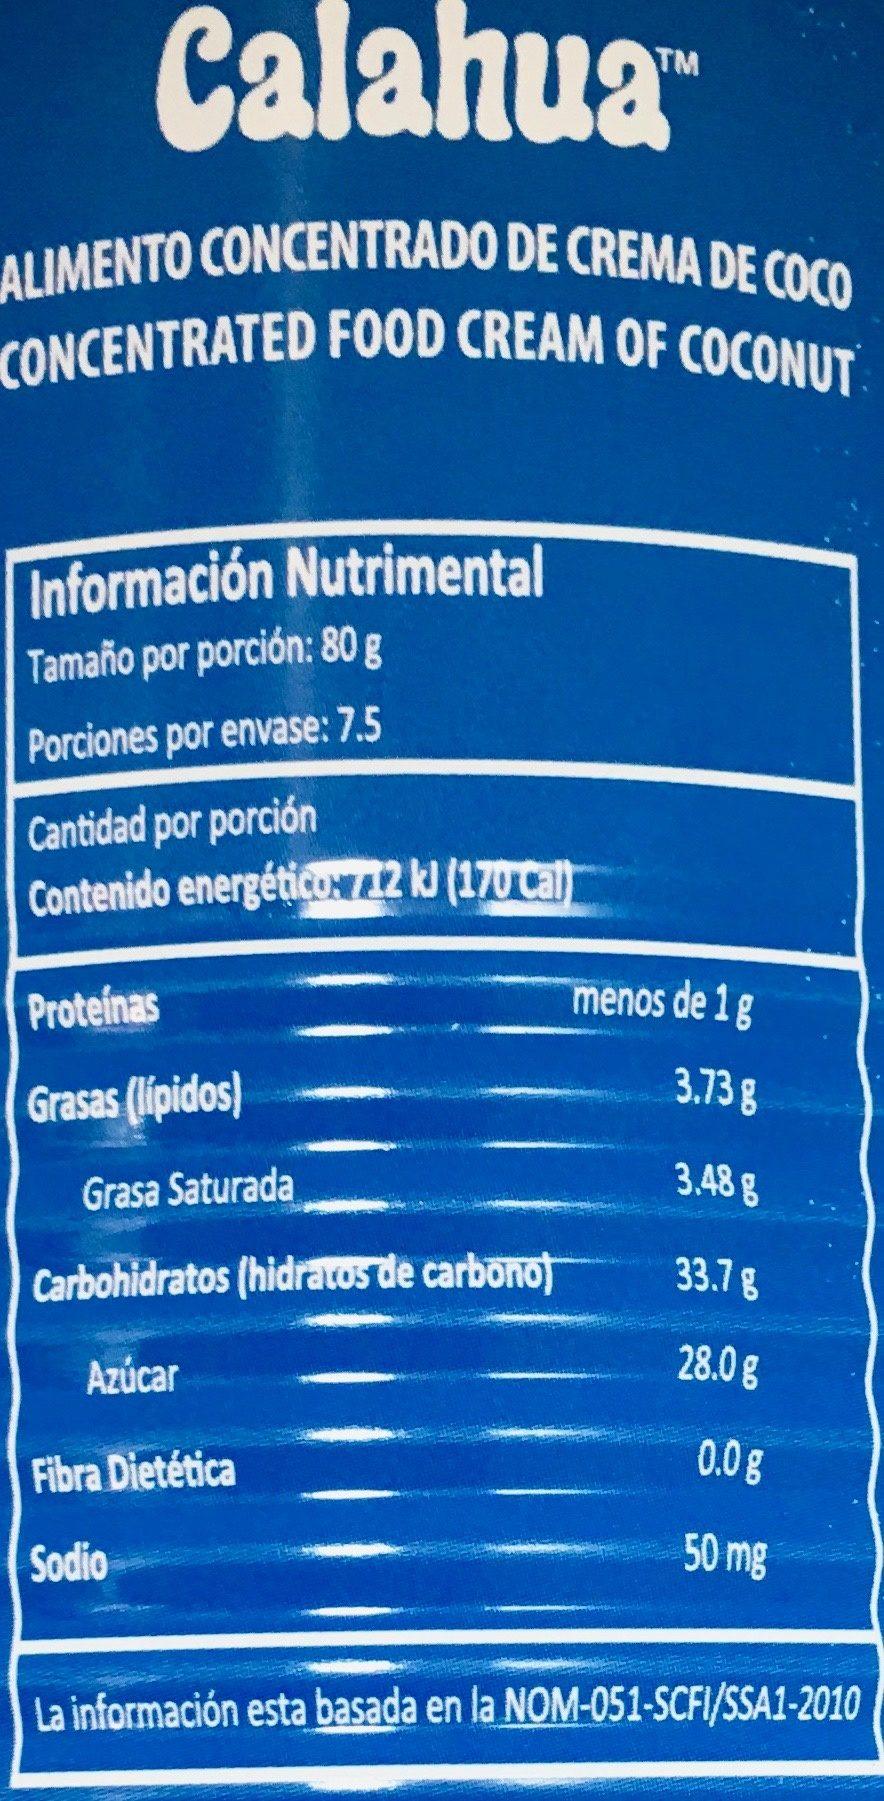 Calahua crema de coco - Nutrition facts